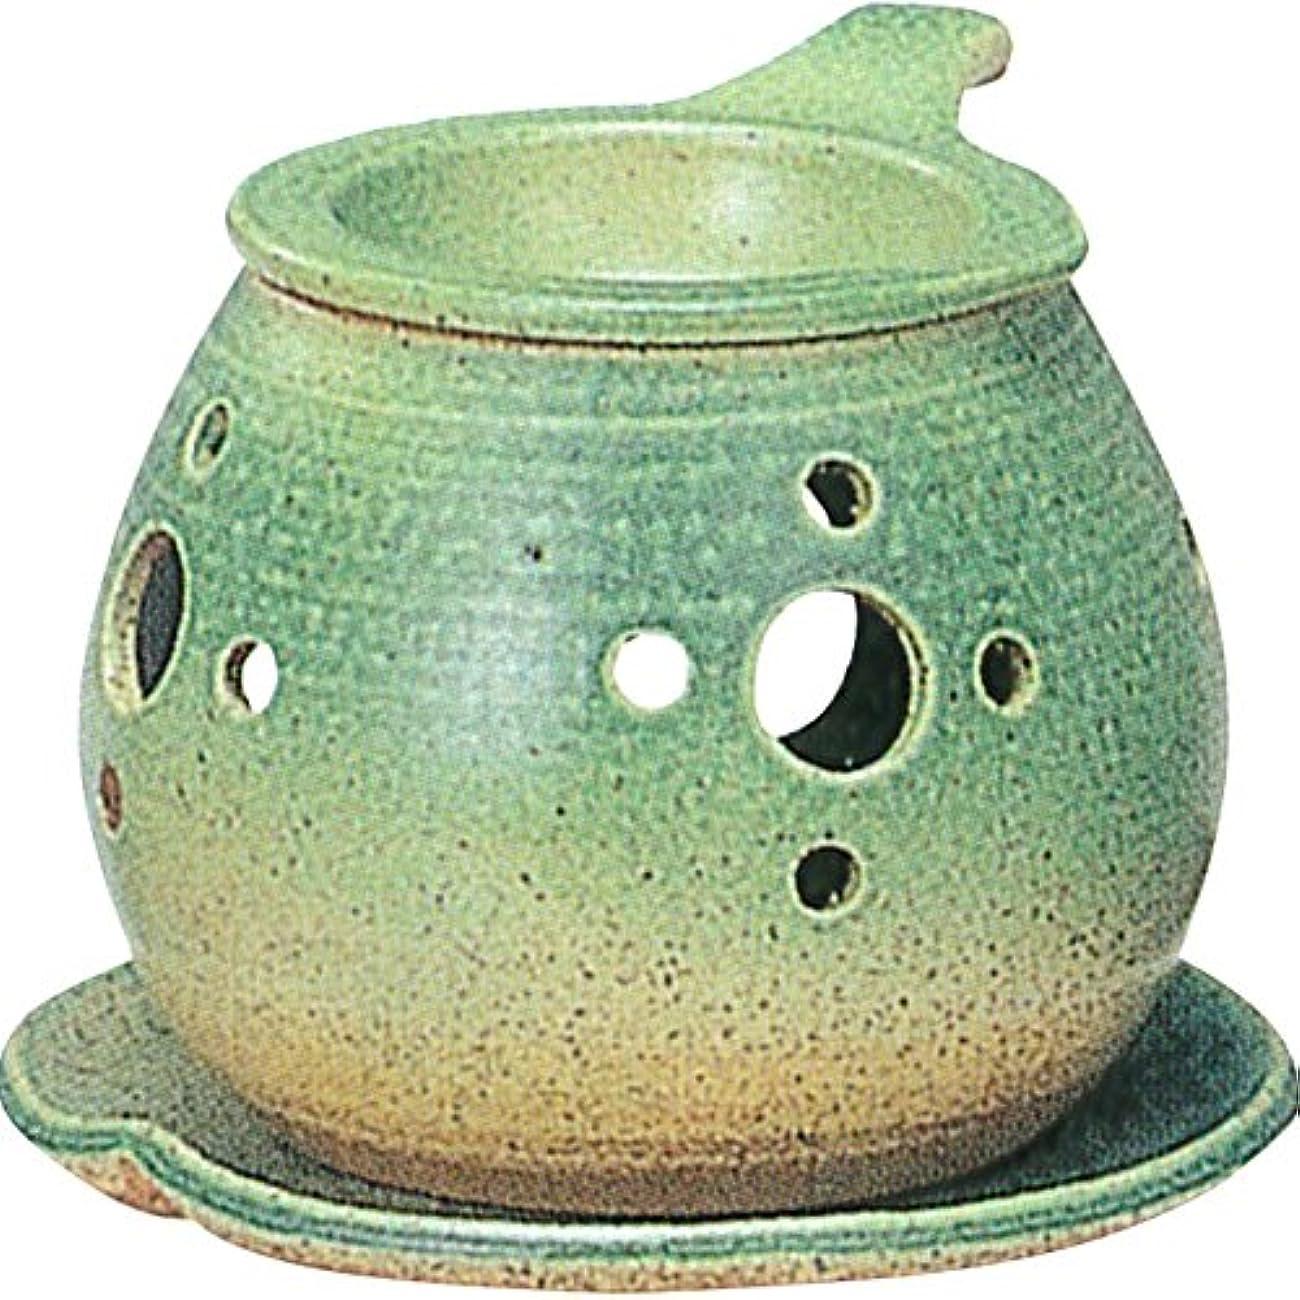 報告書勝つ司令官茶香炉 : 常滑焼 間宮 茶香炉? ル35-02